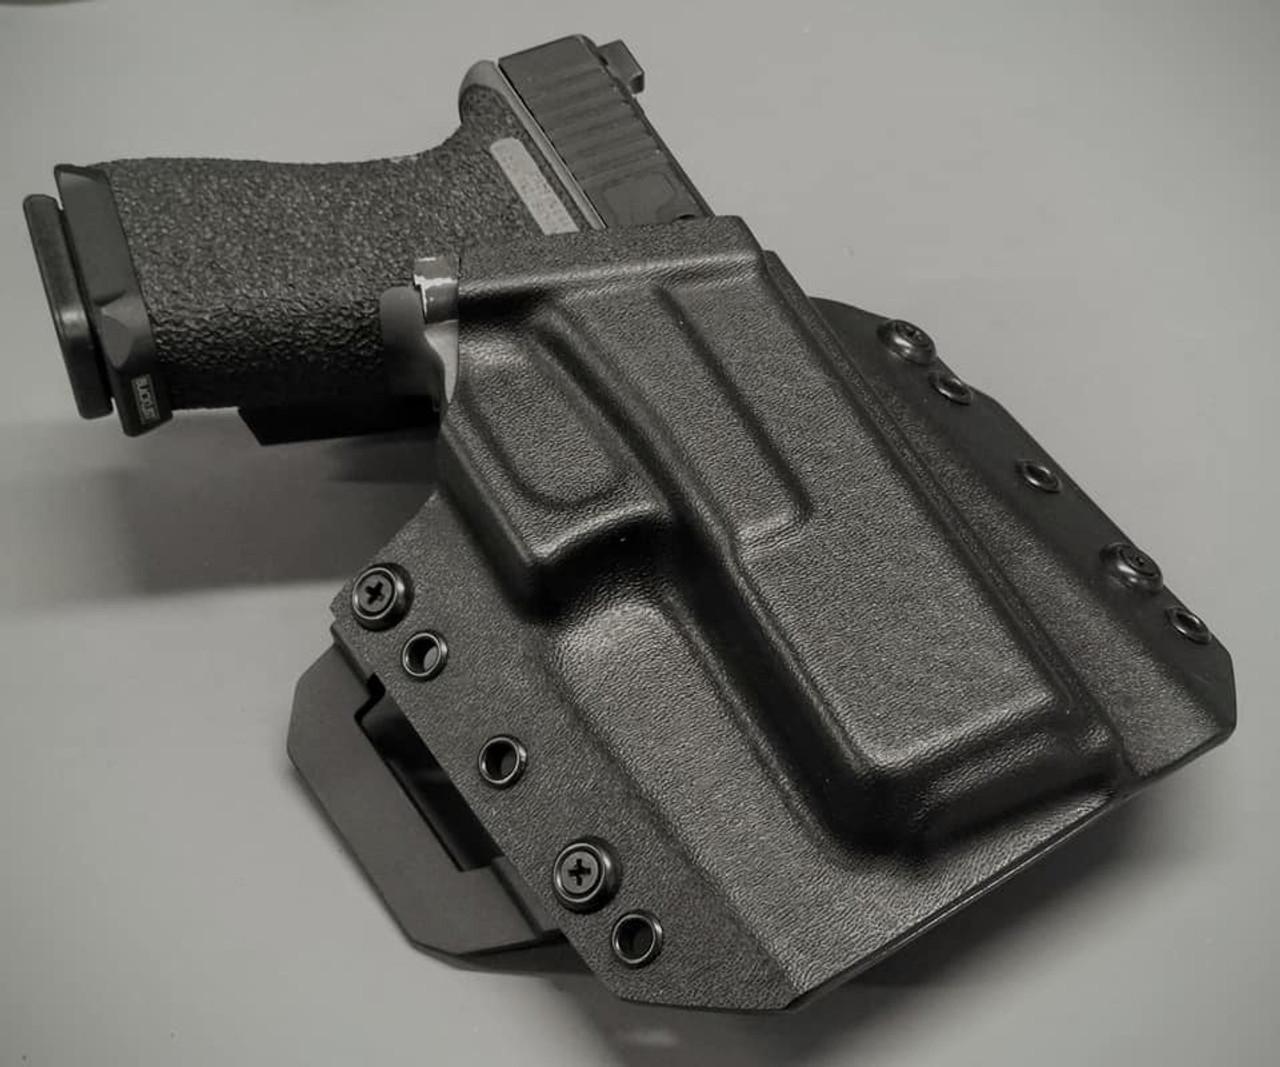 Glock 17 Outside Waistband Holster